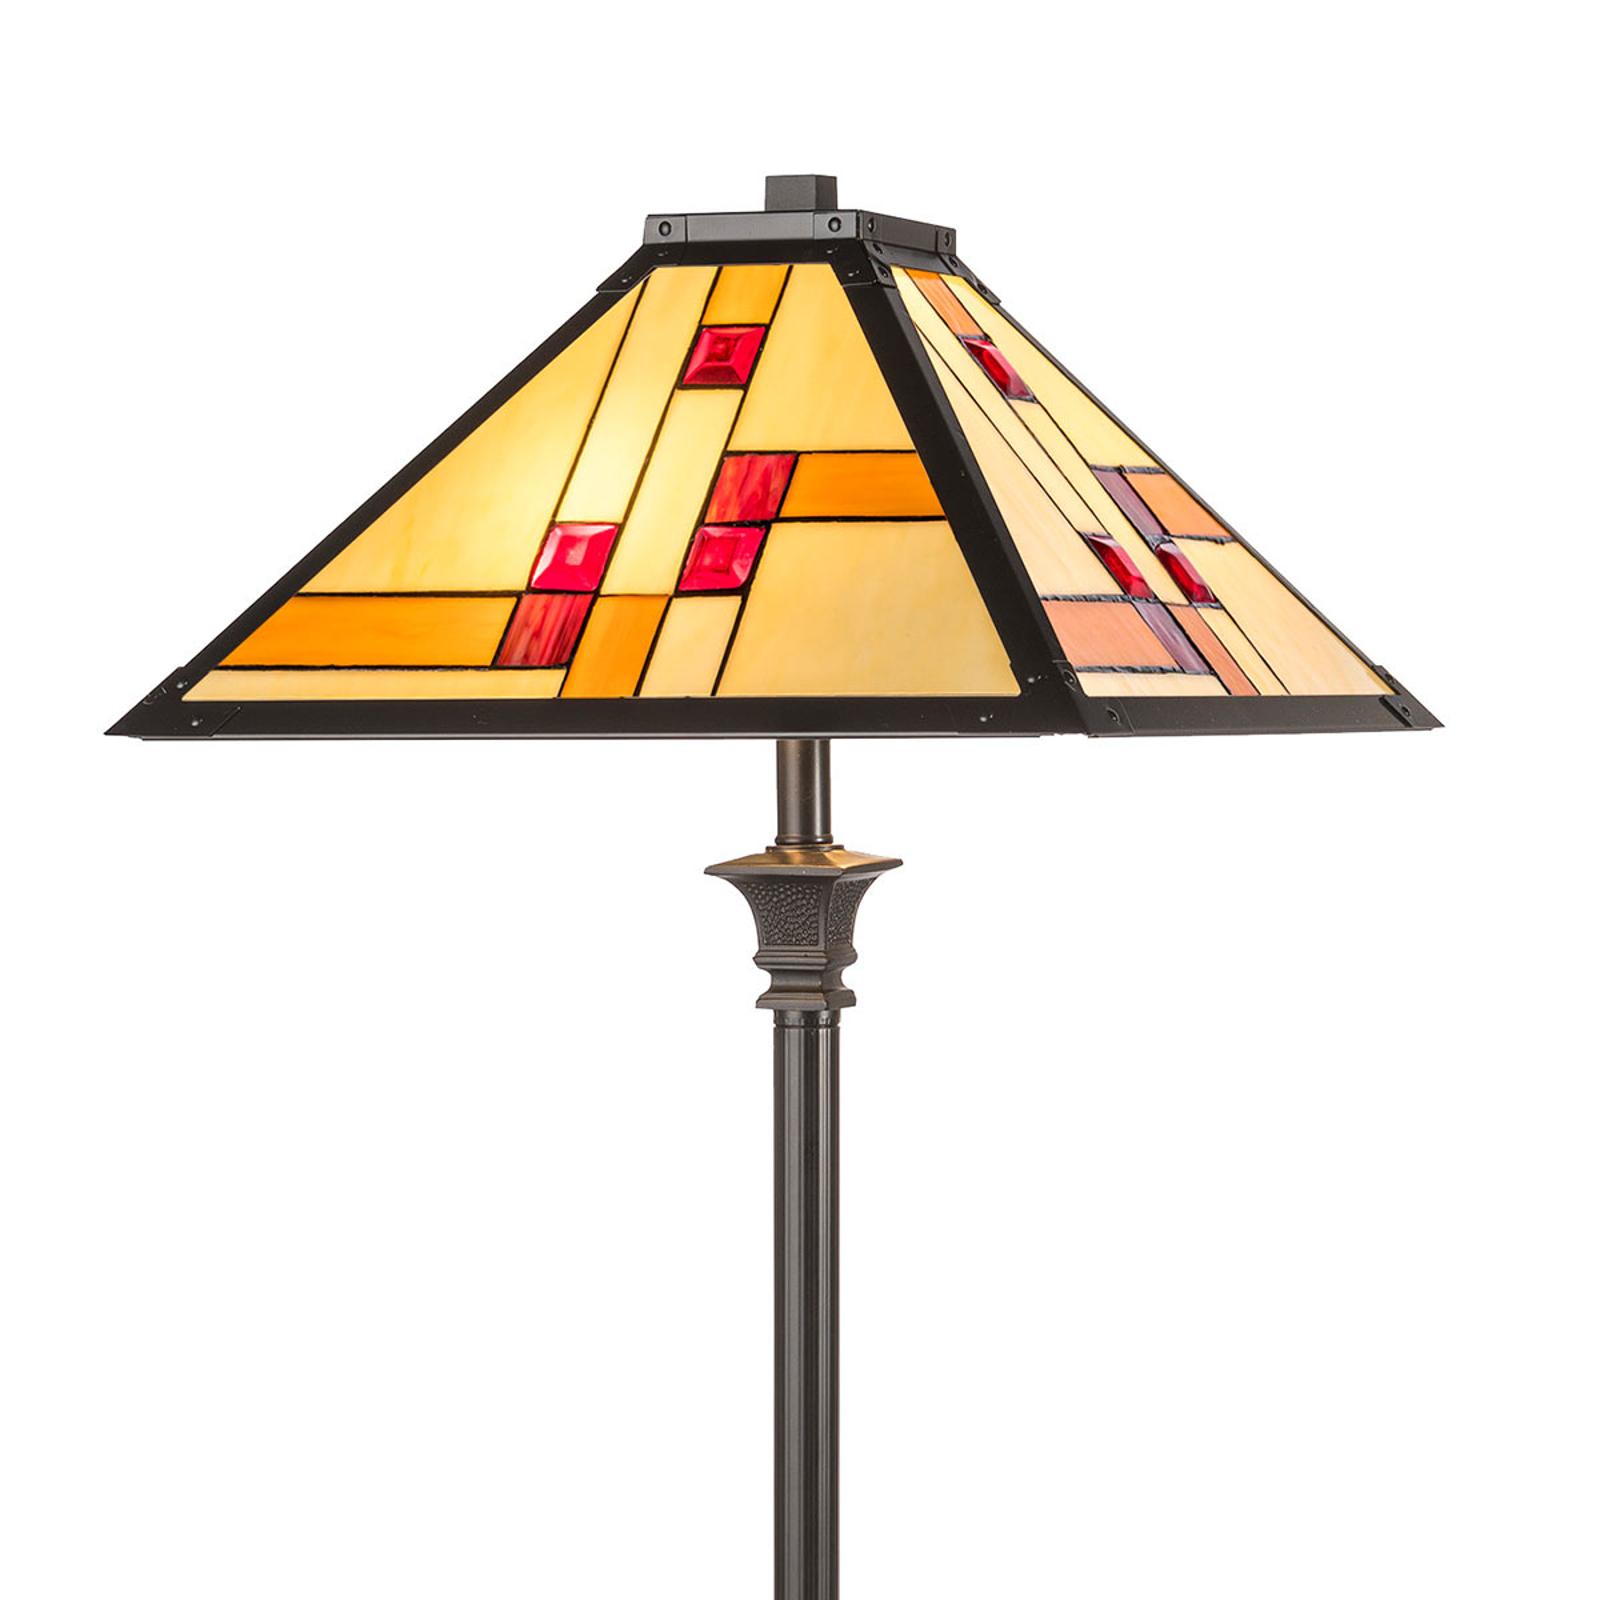 KT1836-50+P1837 standerlampe i Tiffany-stil